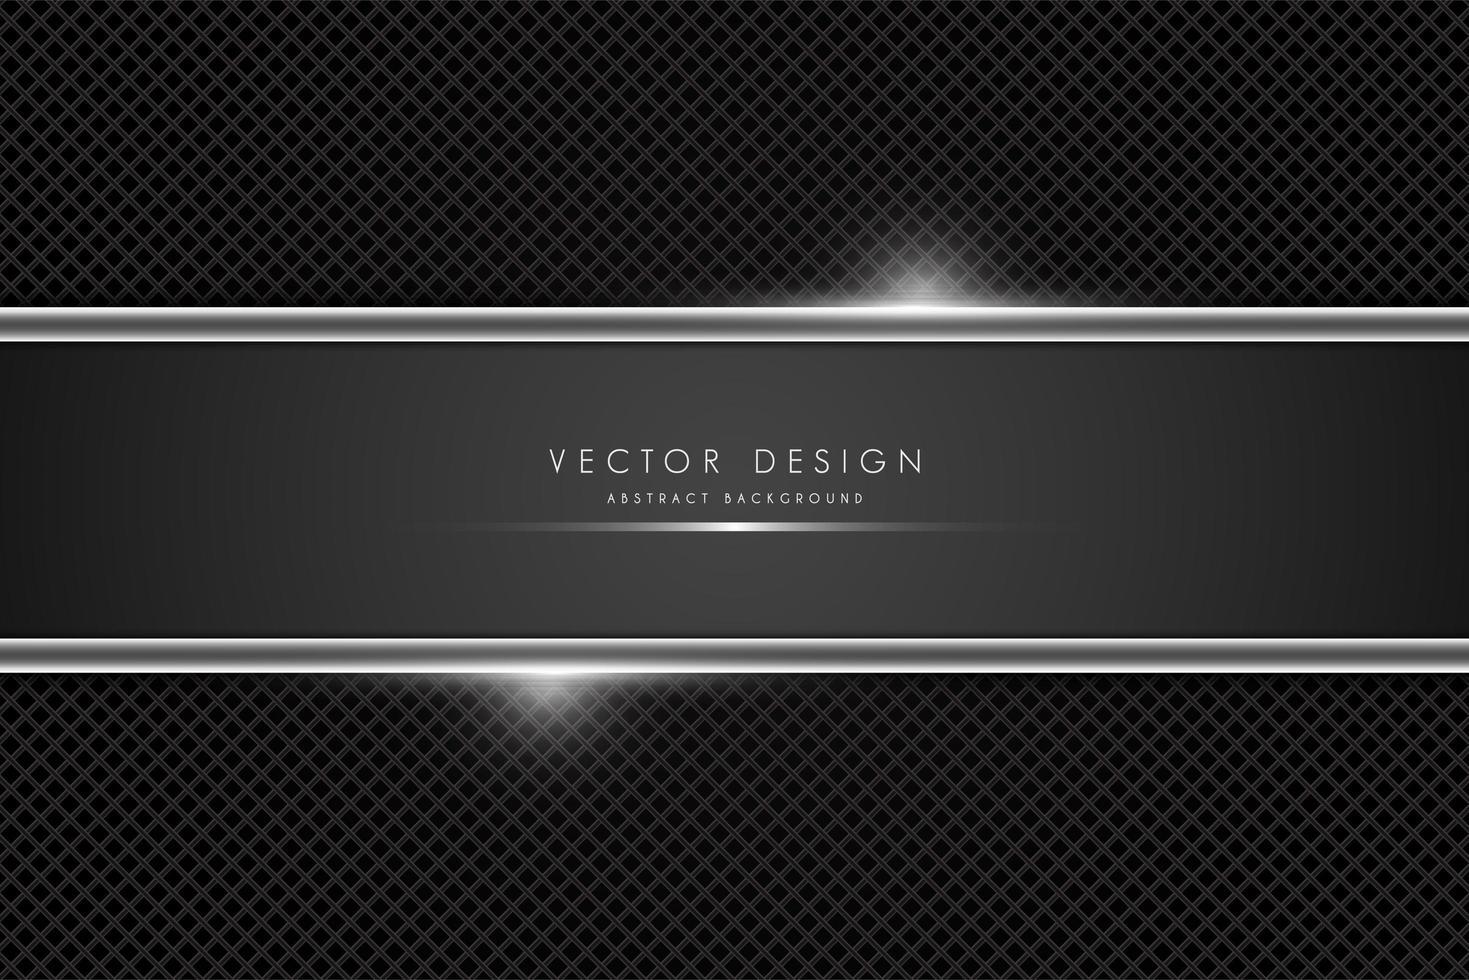 fibre de carbone métallique et bannière grise avec des lignes brillantes vecteur